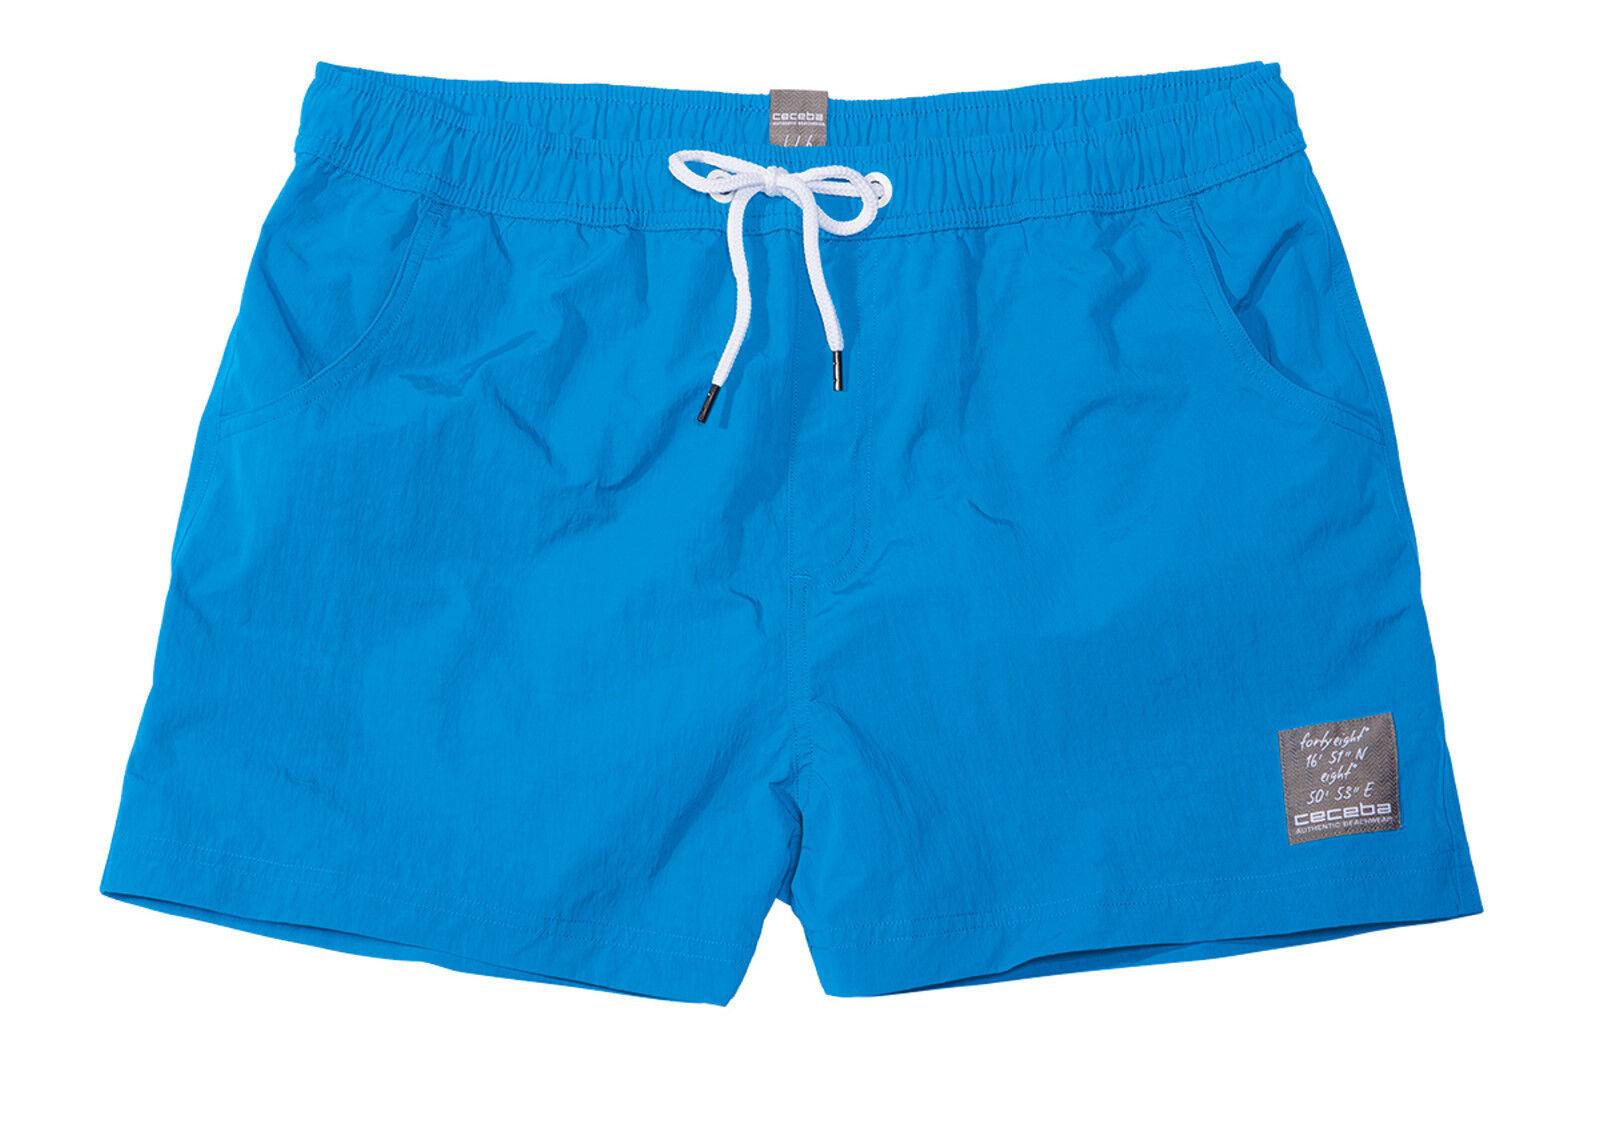 Ceceba Men's Swimshorts Swimming Trunks bluee Also Sizes 80025 610